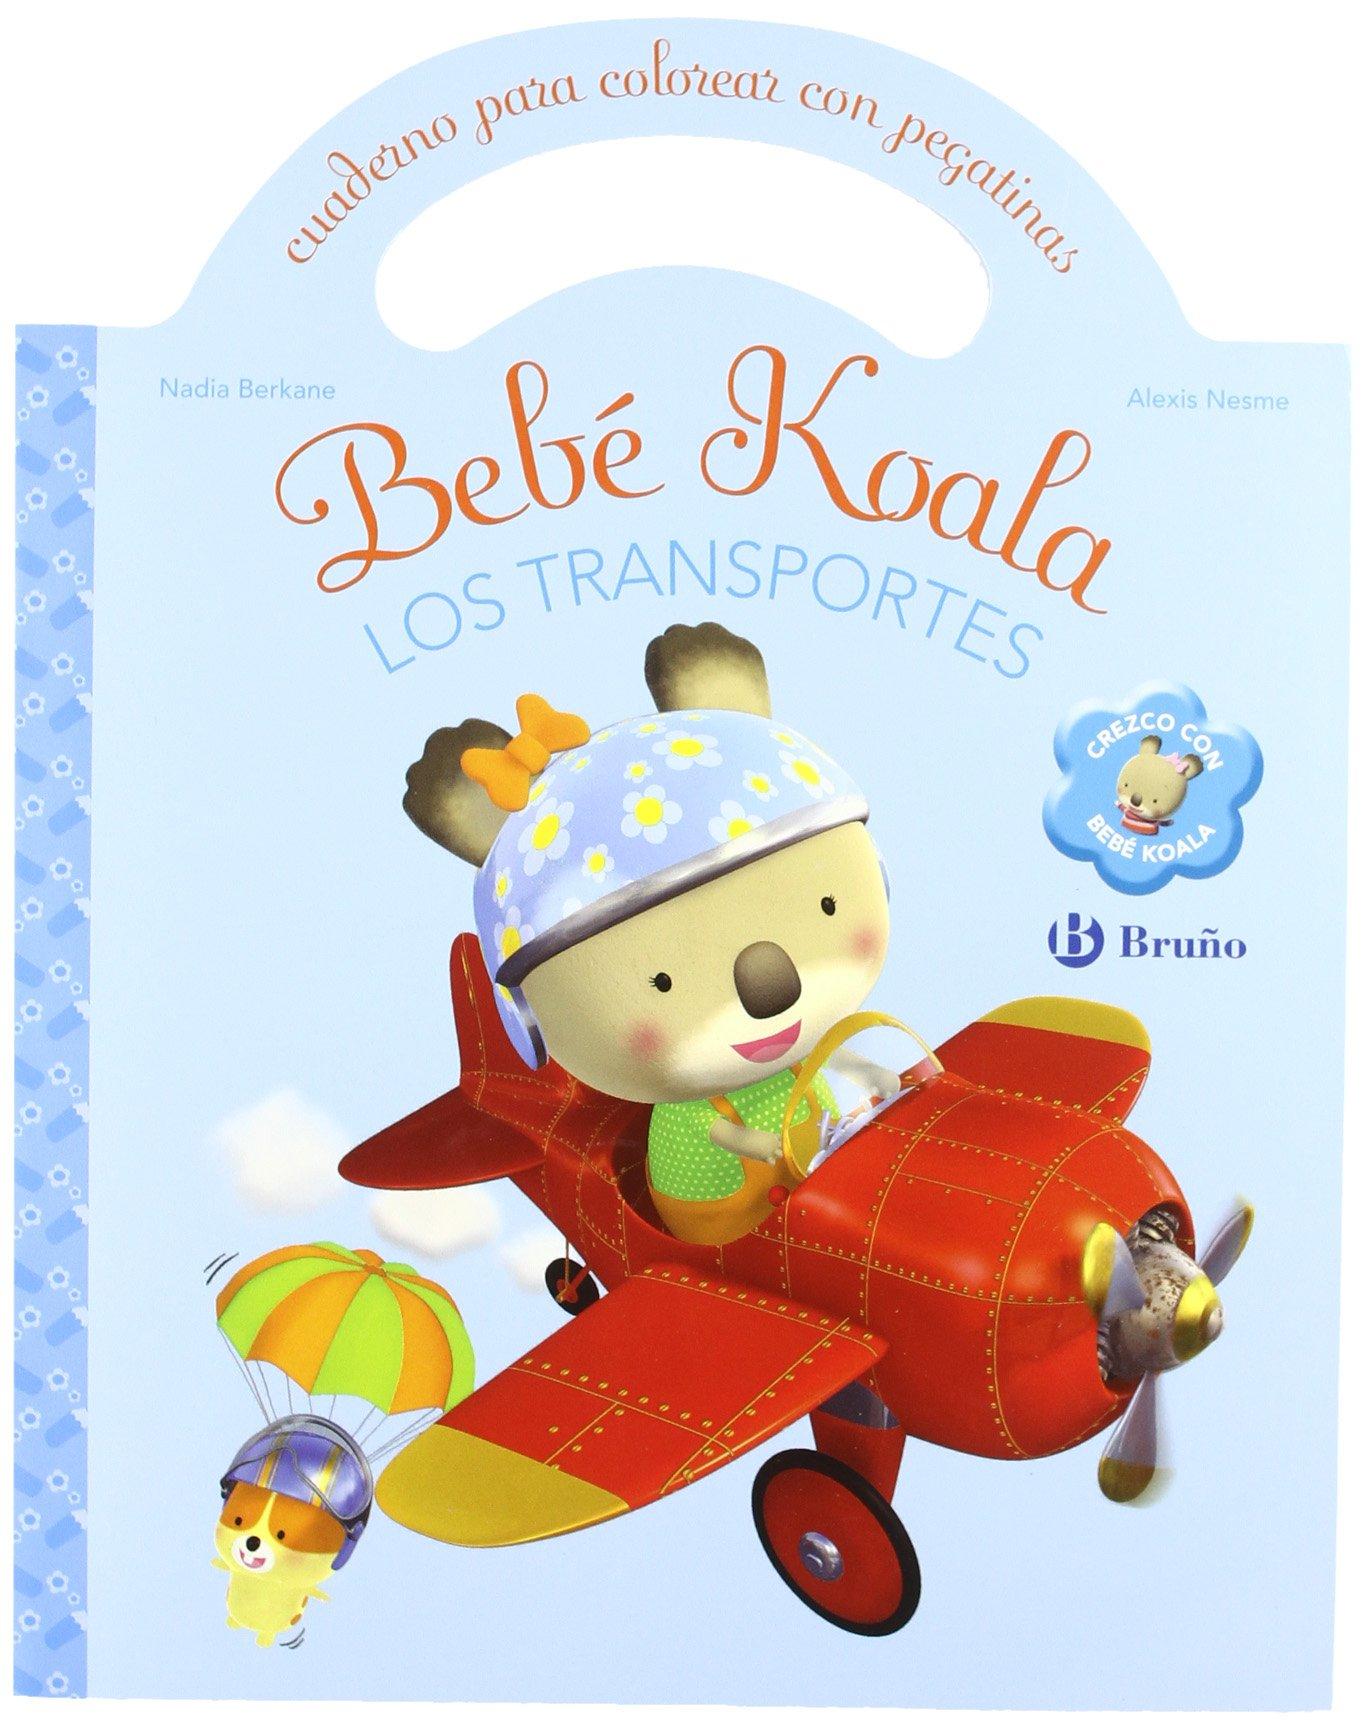 Read Online Los transportes / Transport: Cuaderno para colorear con pegatinas / Coloring Book With Stickers (Bebe Koala / Koala Baby) (Spanish Edition) PDF